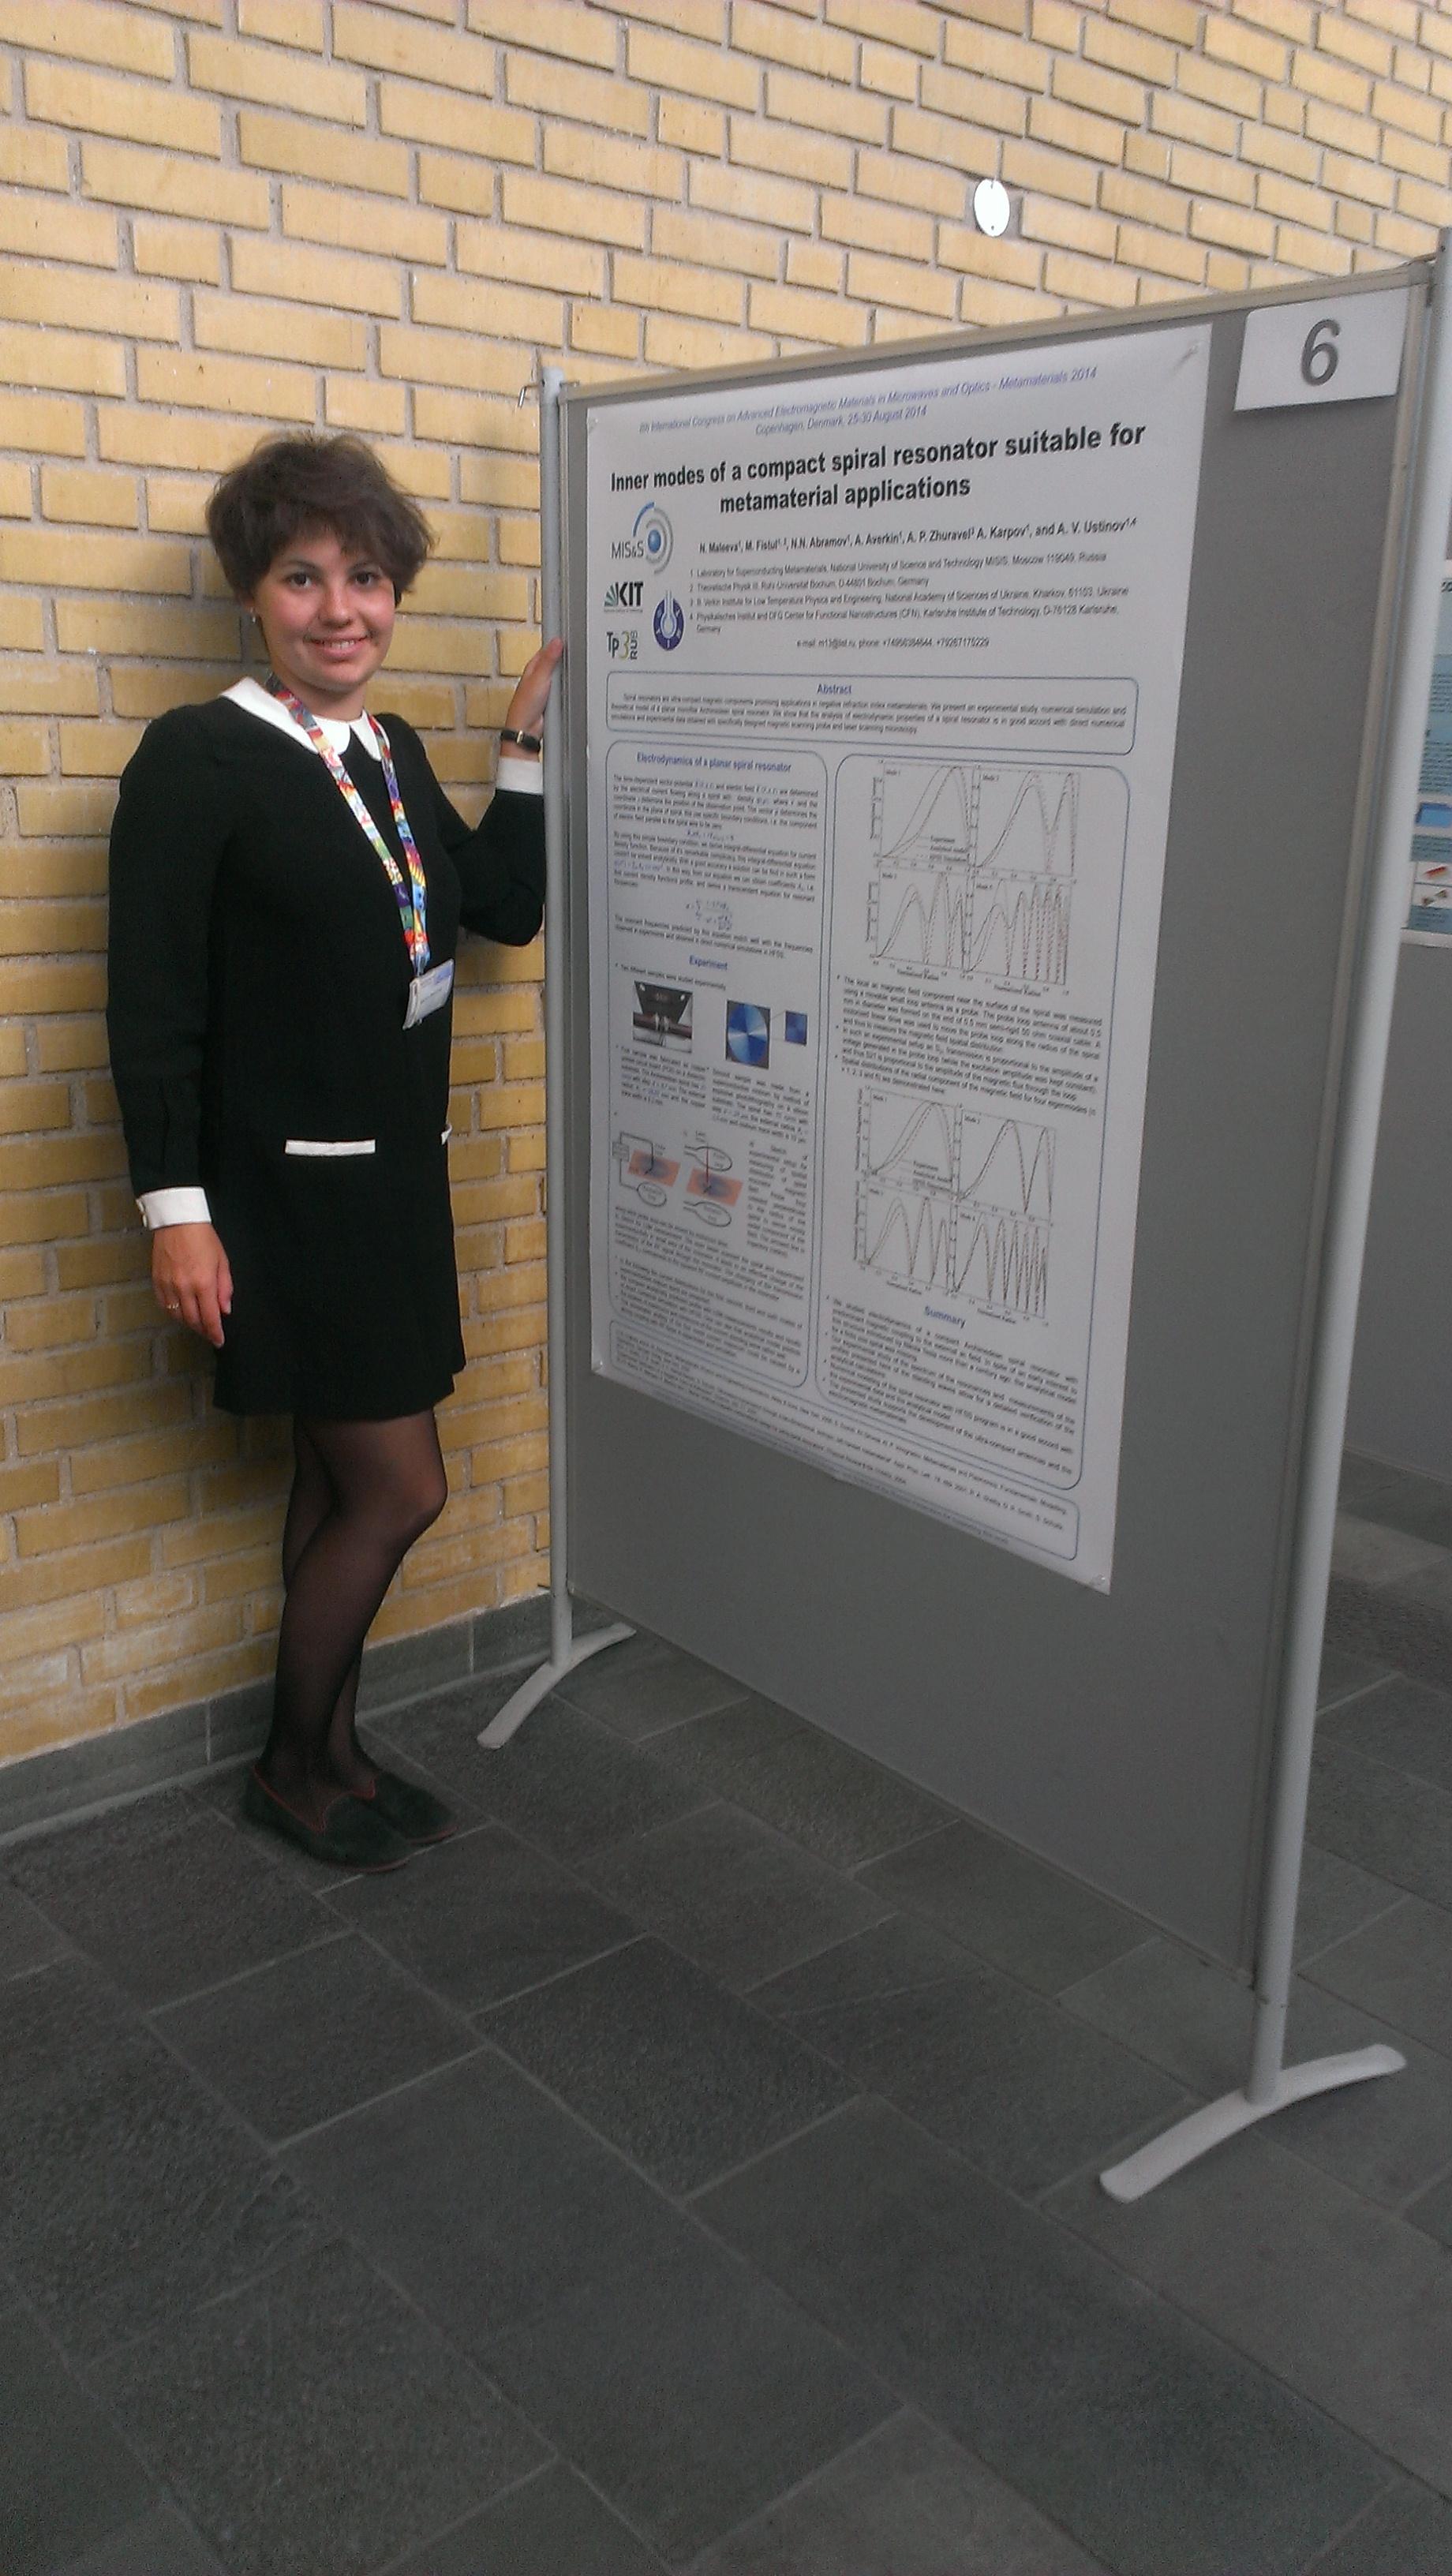 У своего постера на конференции в Копенгагене